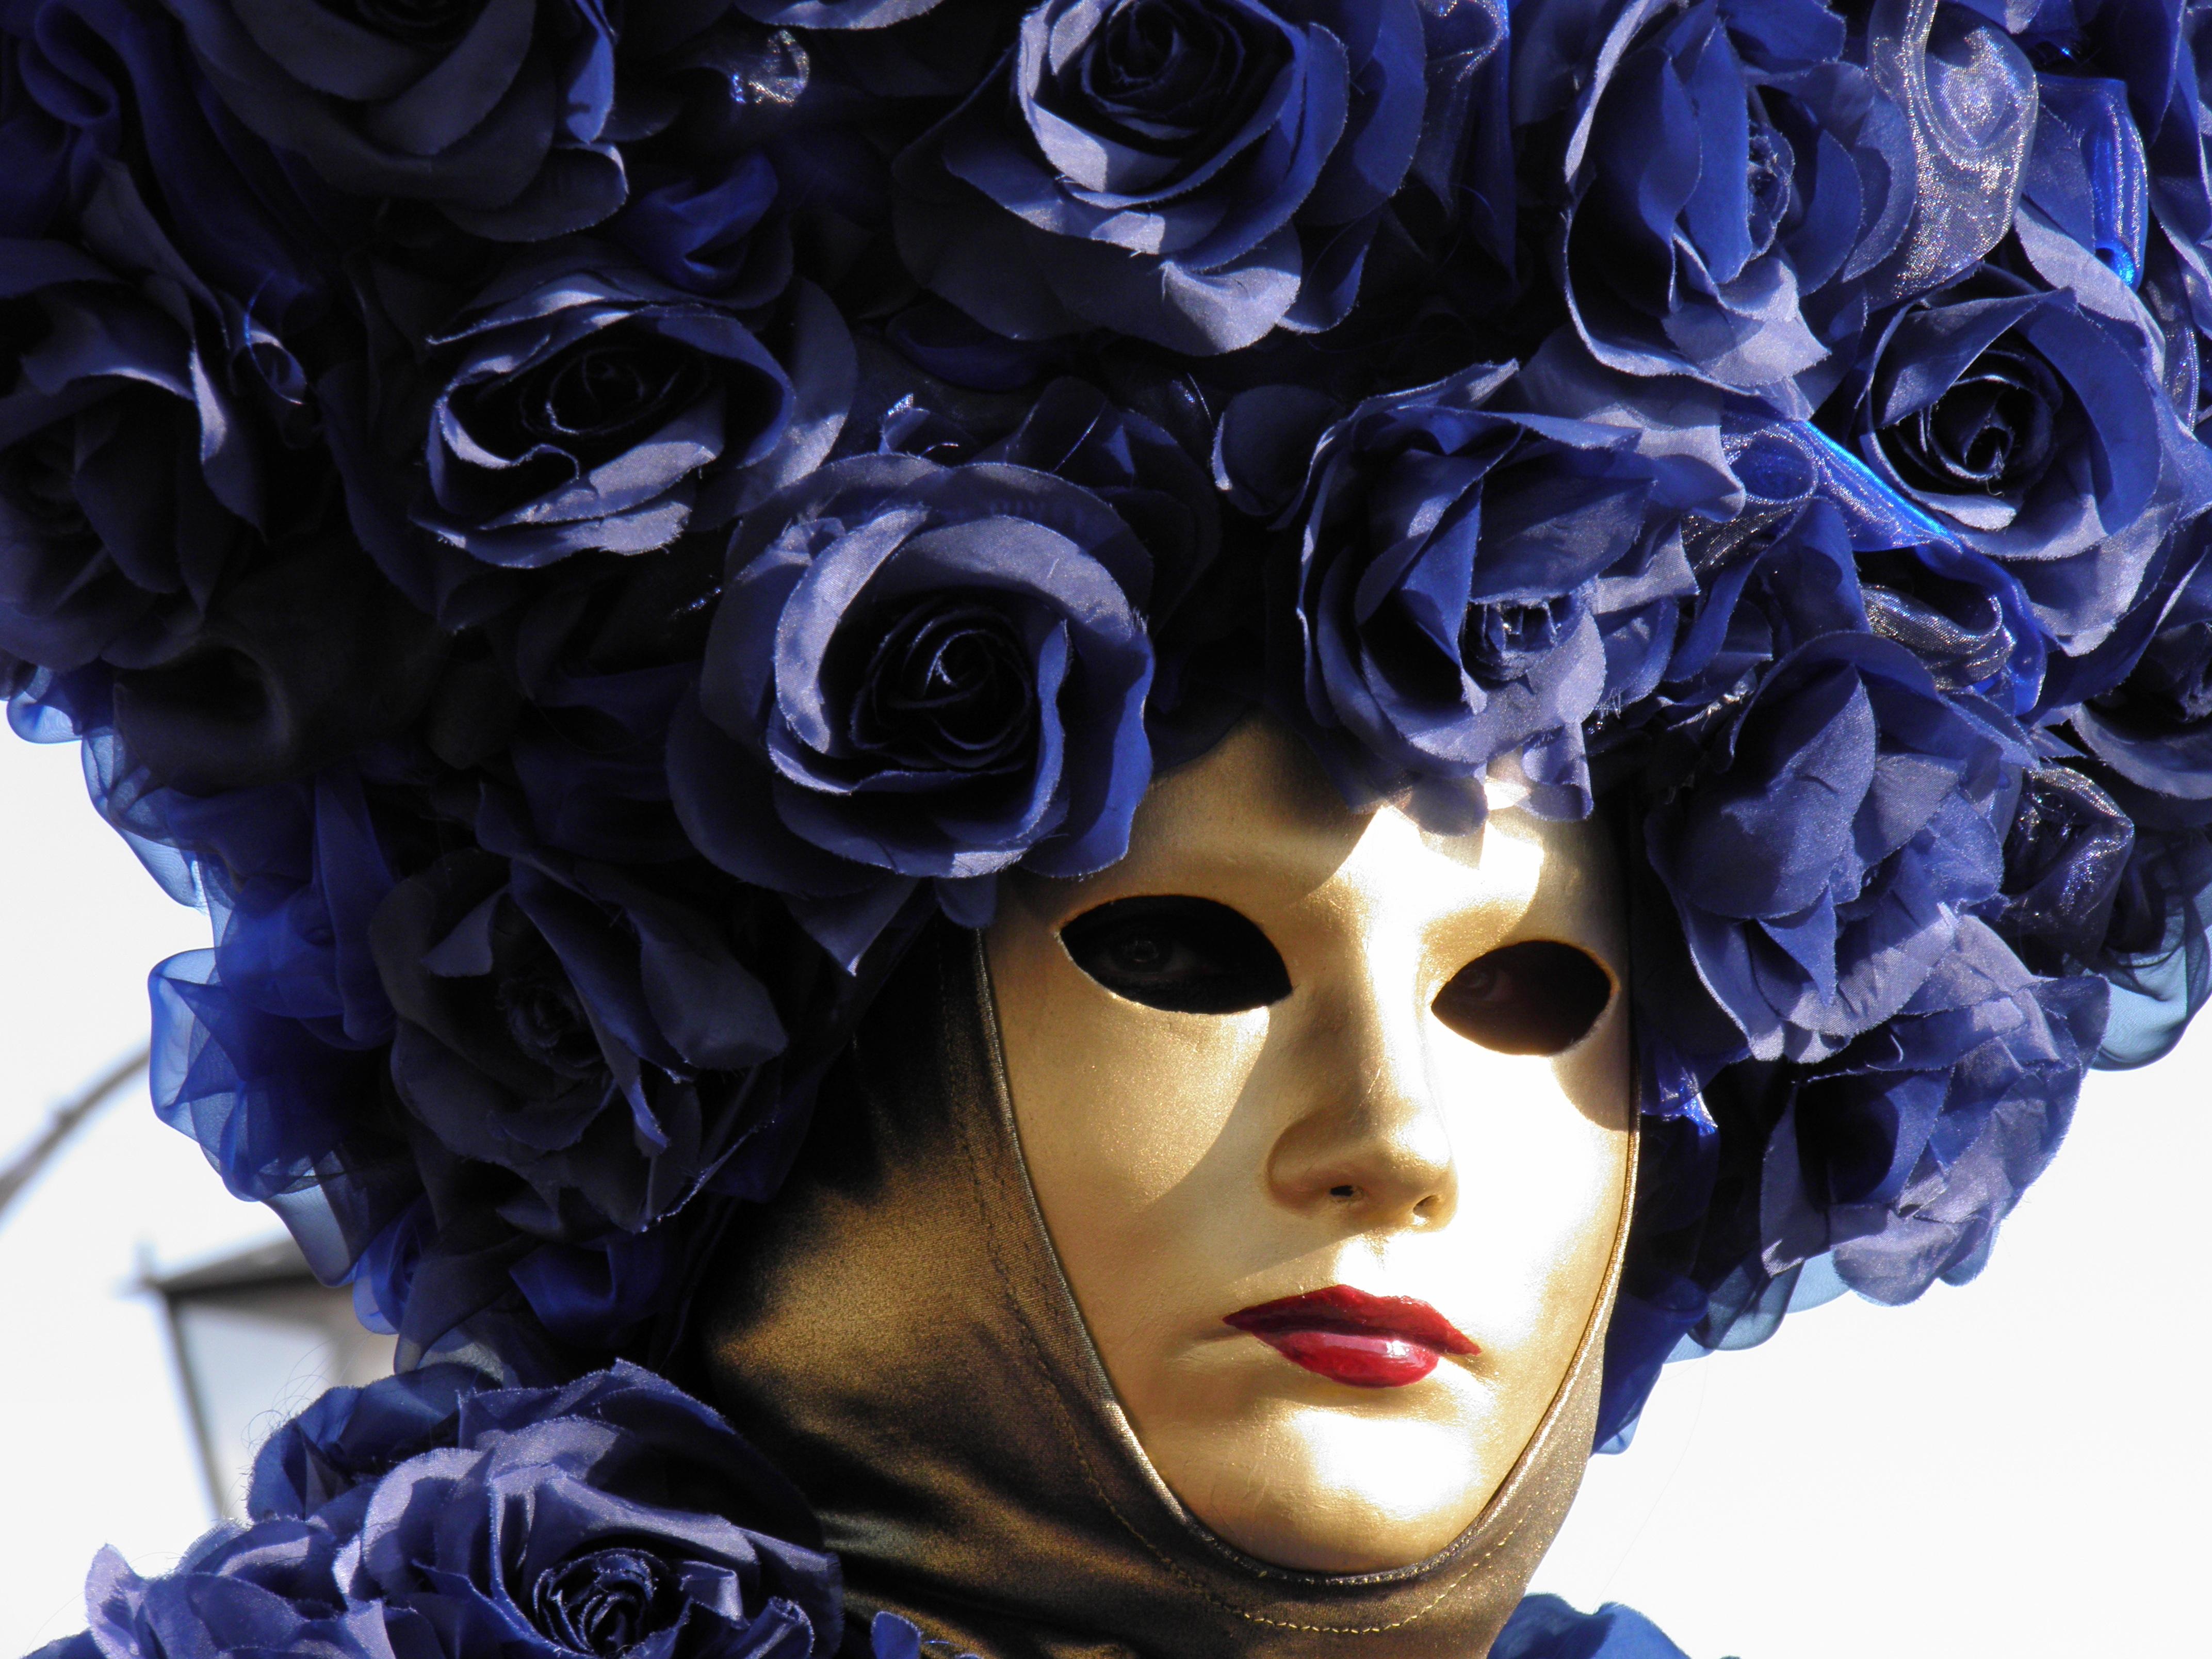 цветы картинки для масок нередко выступает качестве